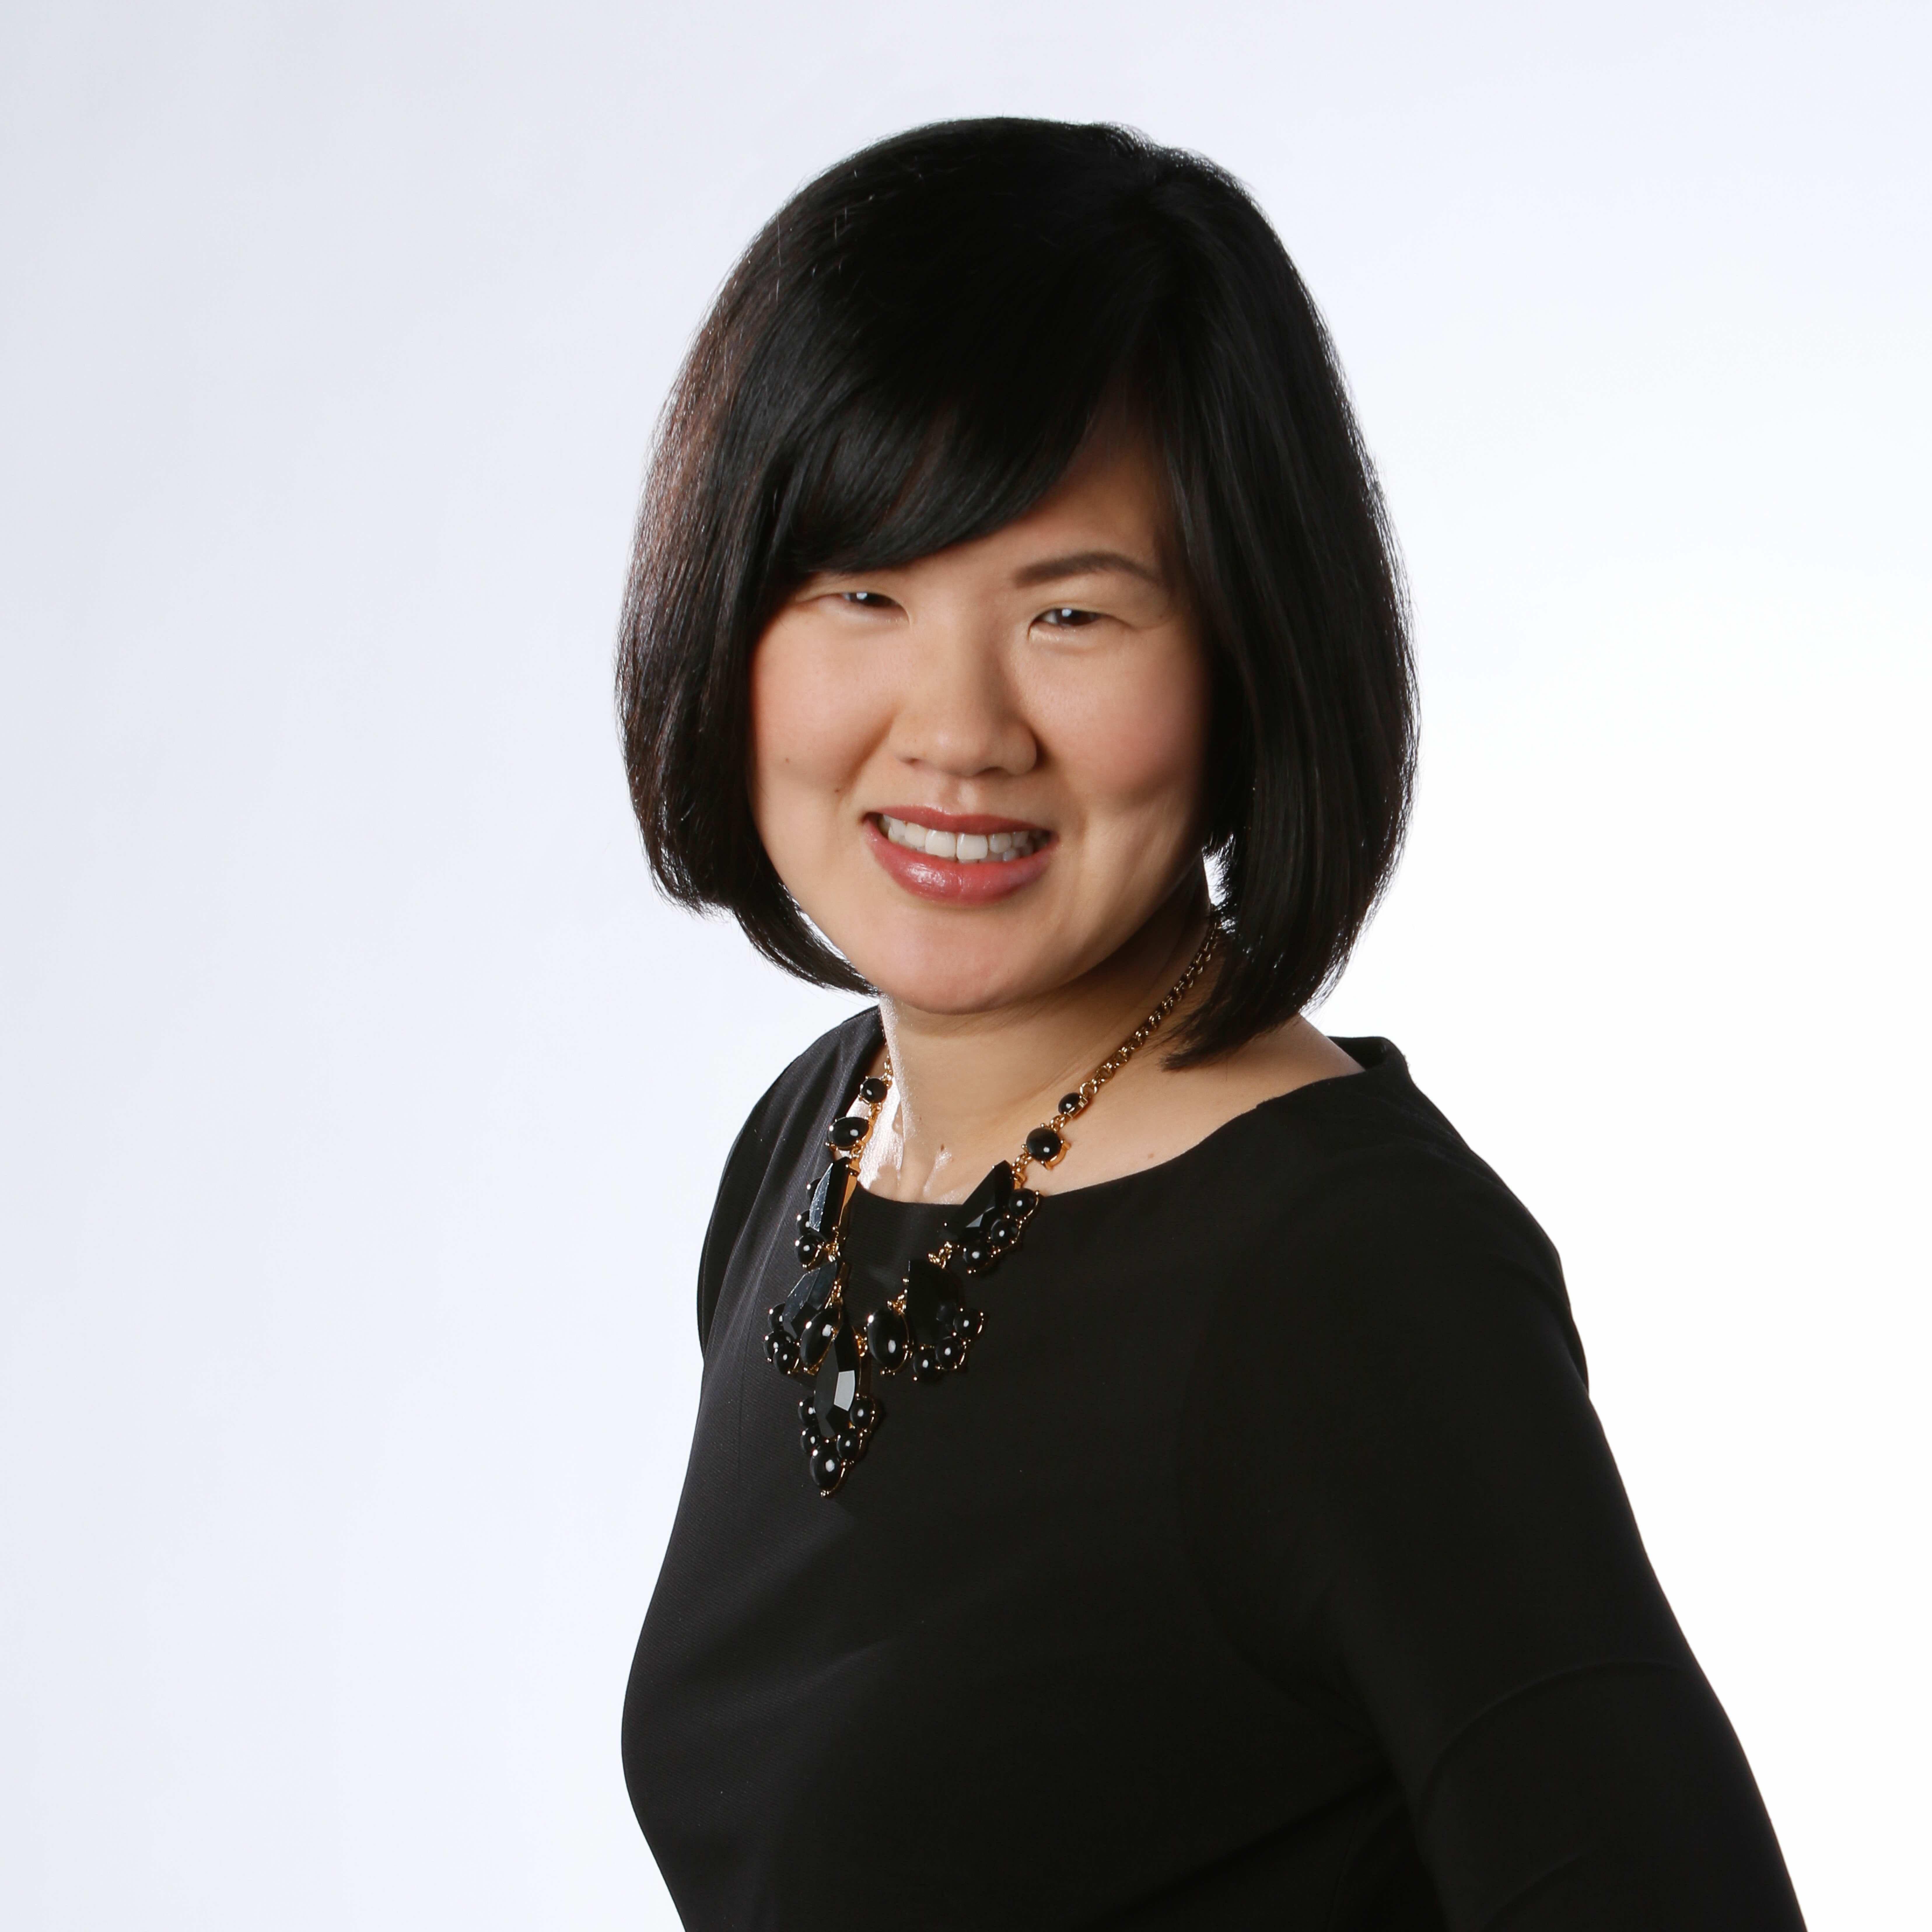 Karen Lai